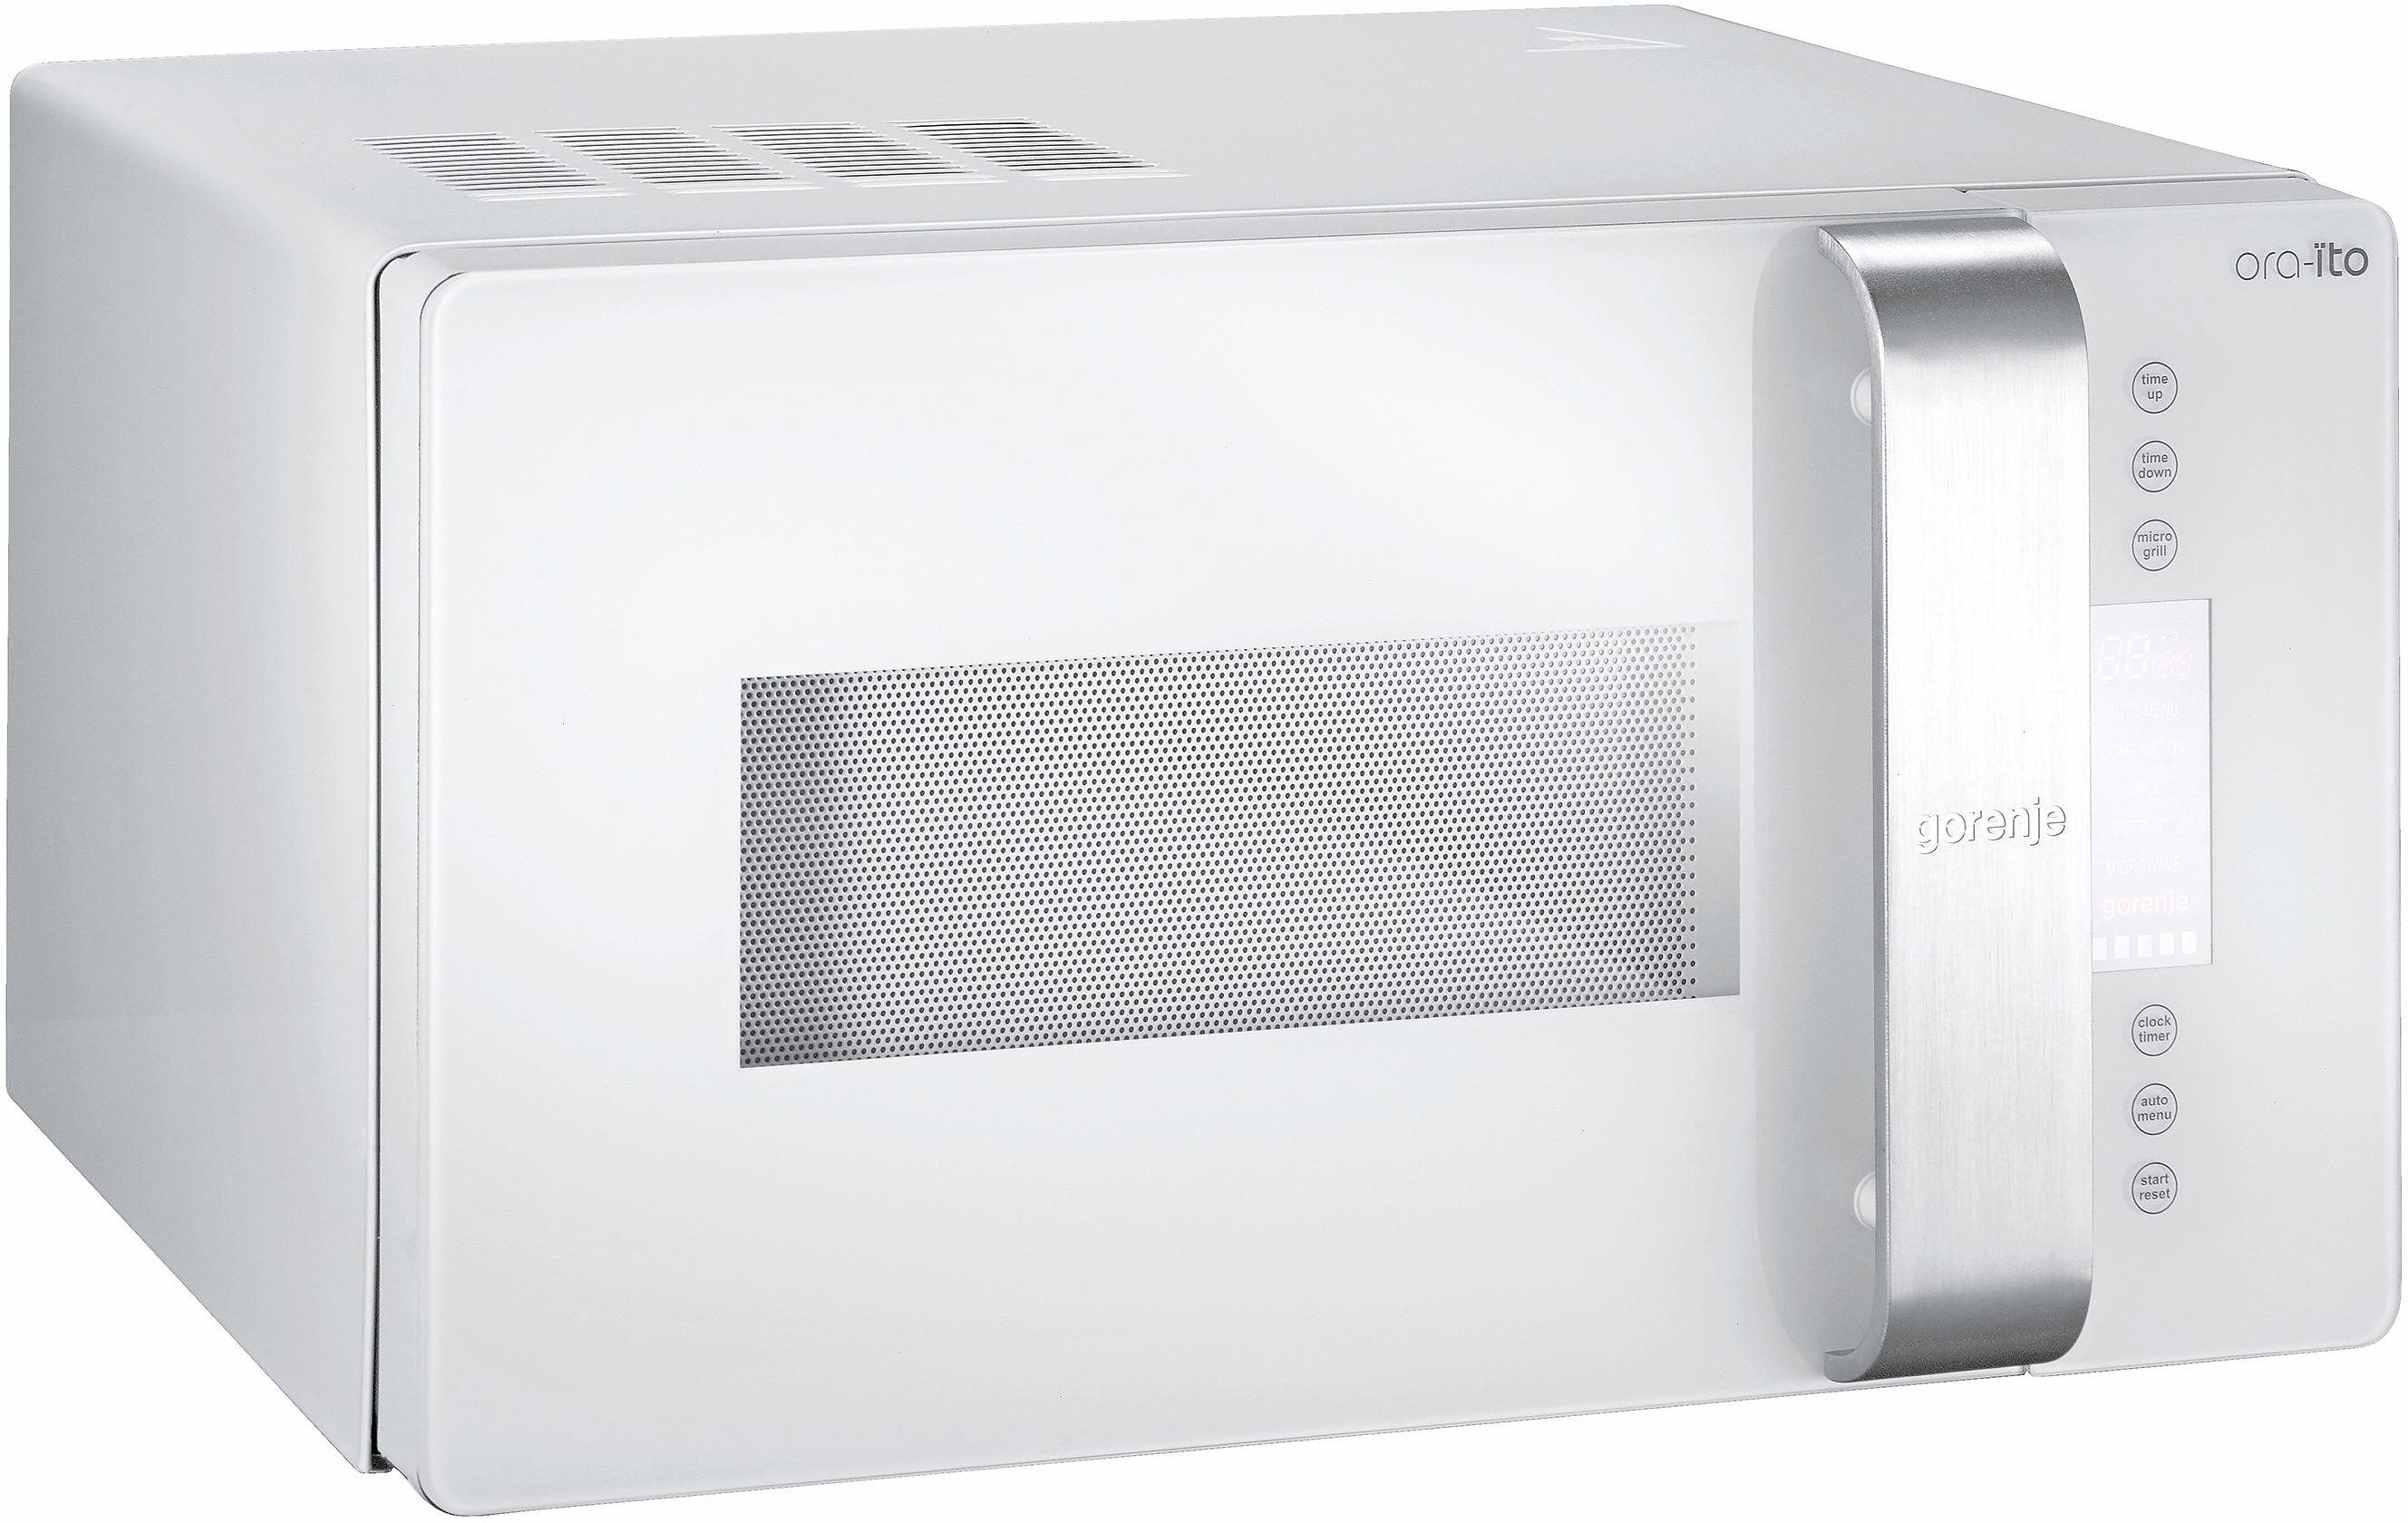 Gorenje Mikrowelle GMO23ORA-ITO, mit Grill, 23 Liter Garraum, 900 Watt